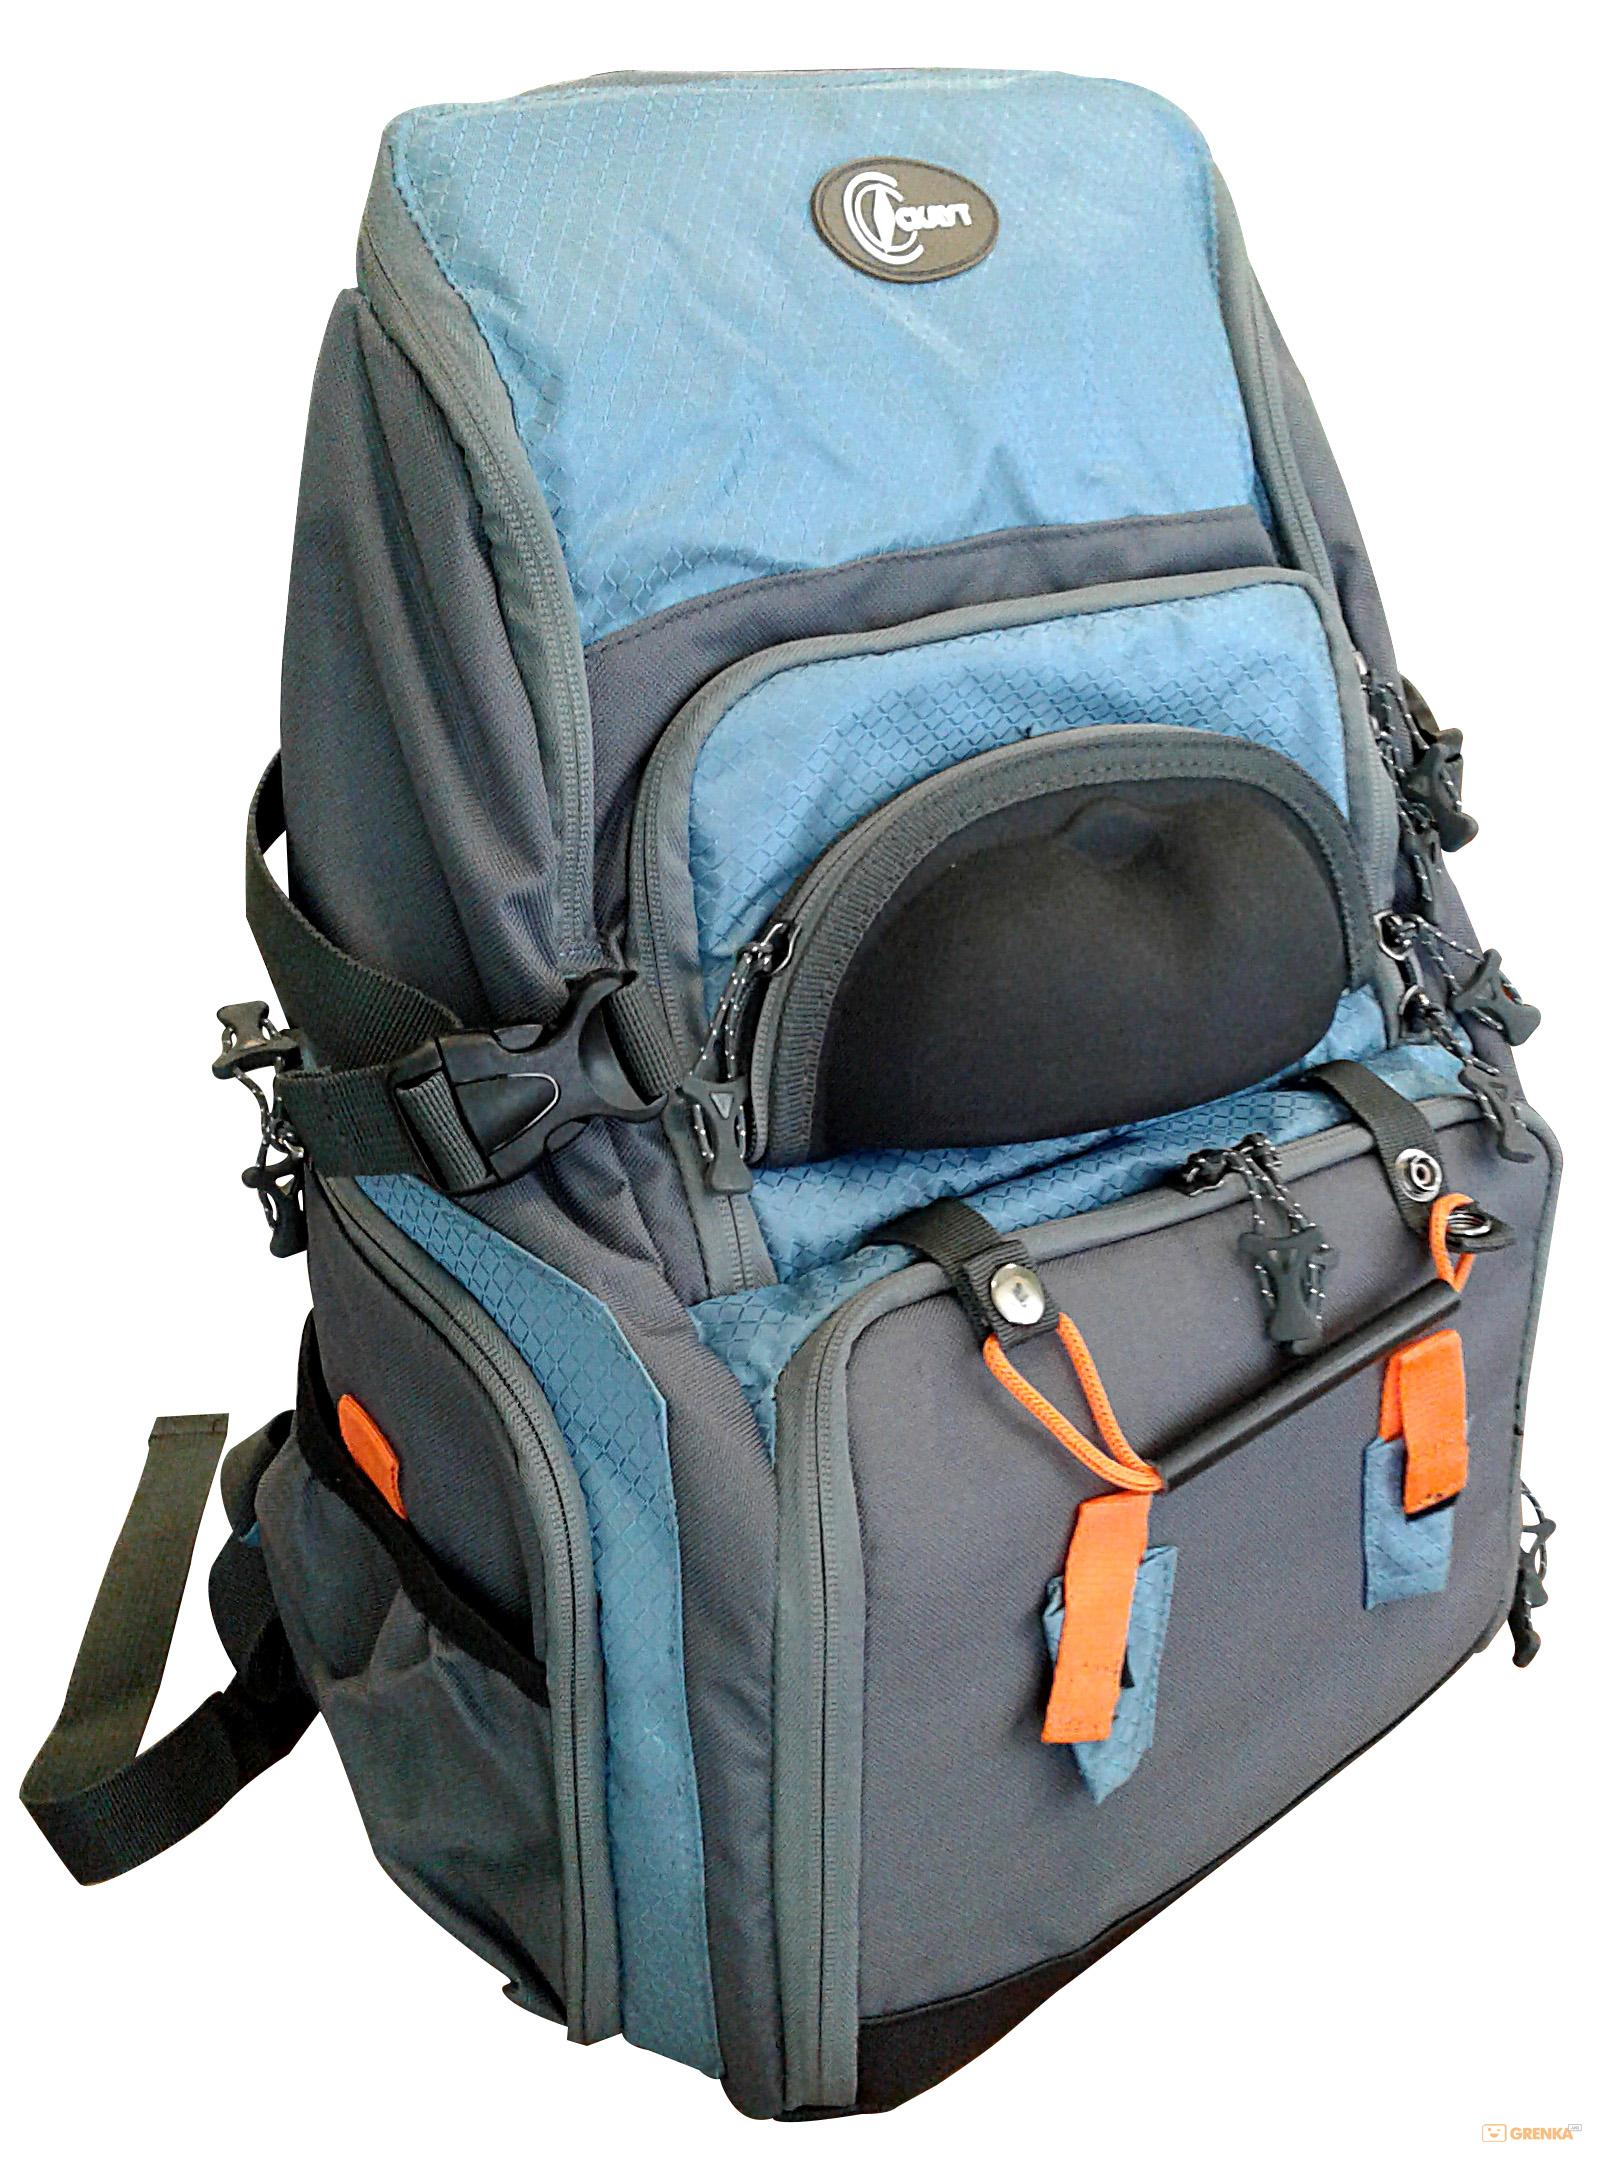 Рюкзак Ranger bag 5 ( с чехлом для очков) (RA 8804)  - купить со скидкой